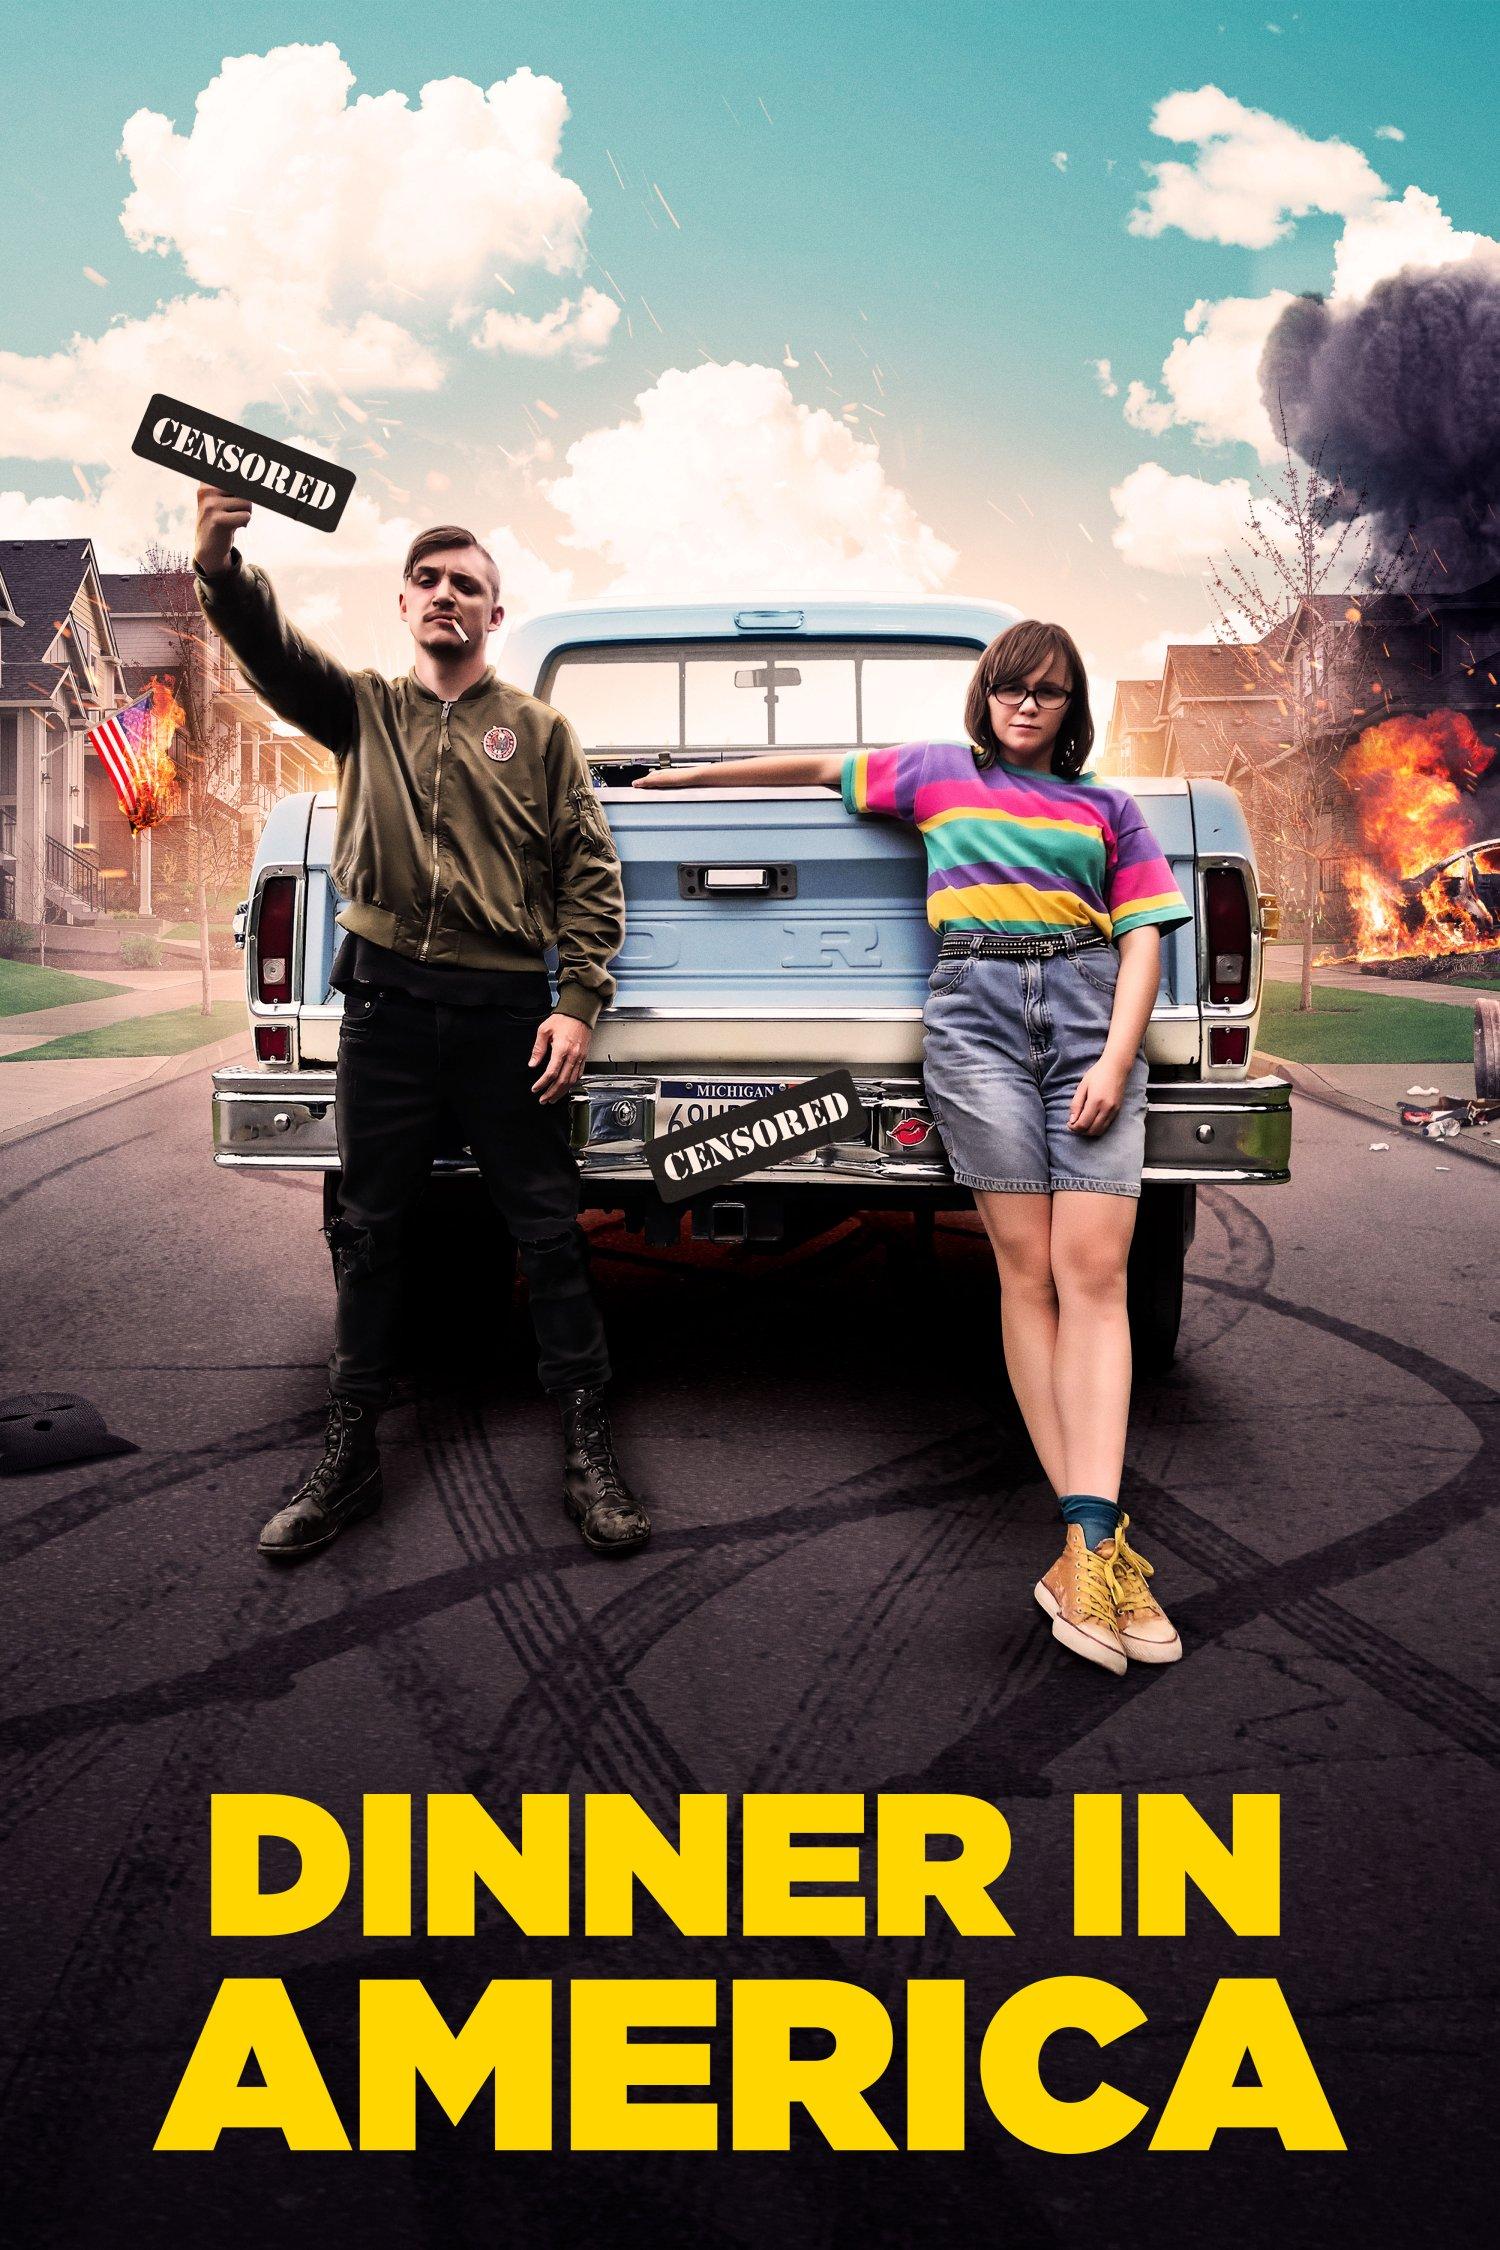 DinnerInAmerica_Vimeo_Vert_4000x6000